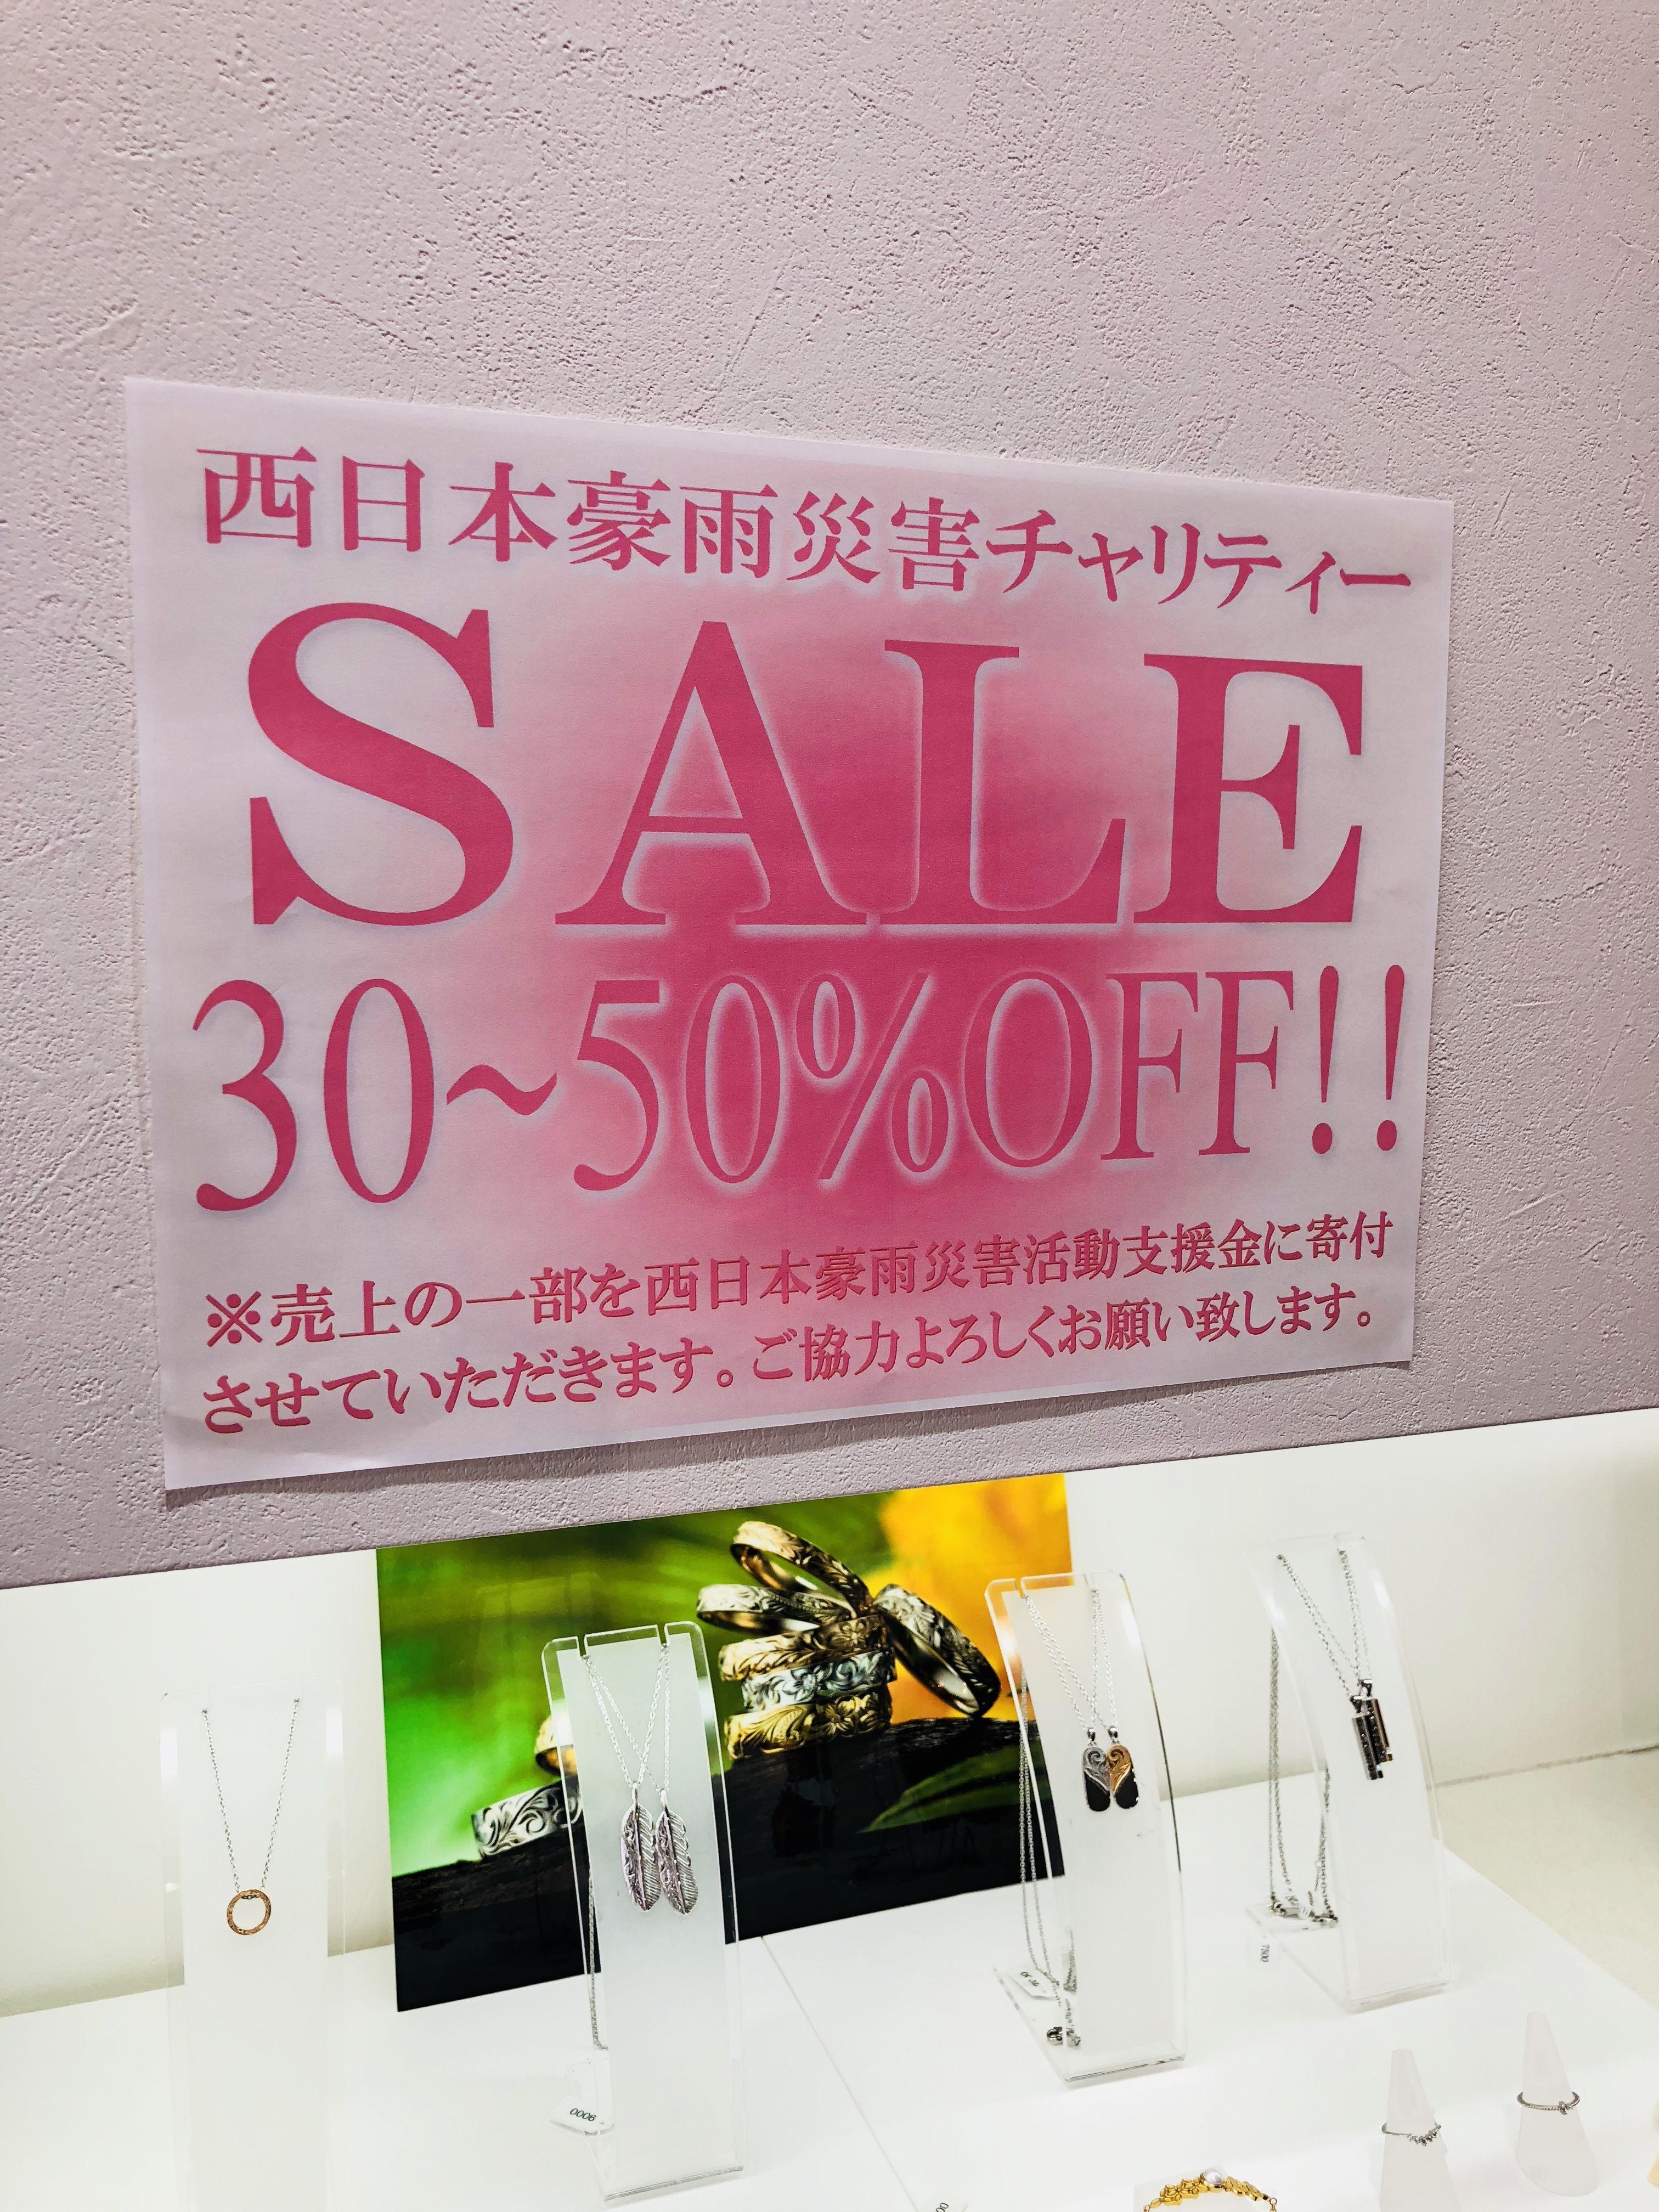 西日本豪雨災害チャリティーセールのお知らせ